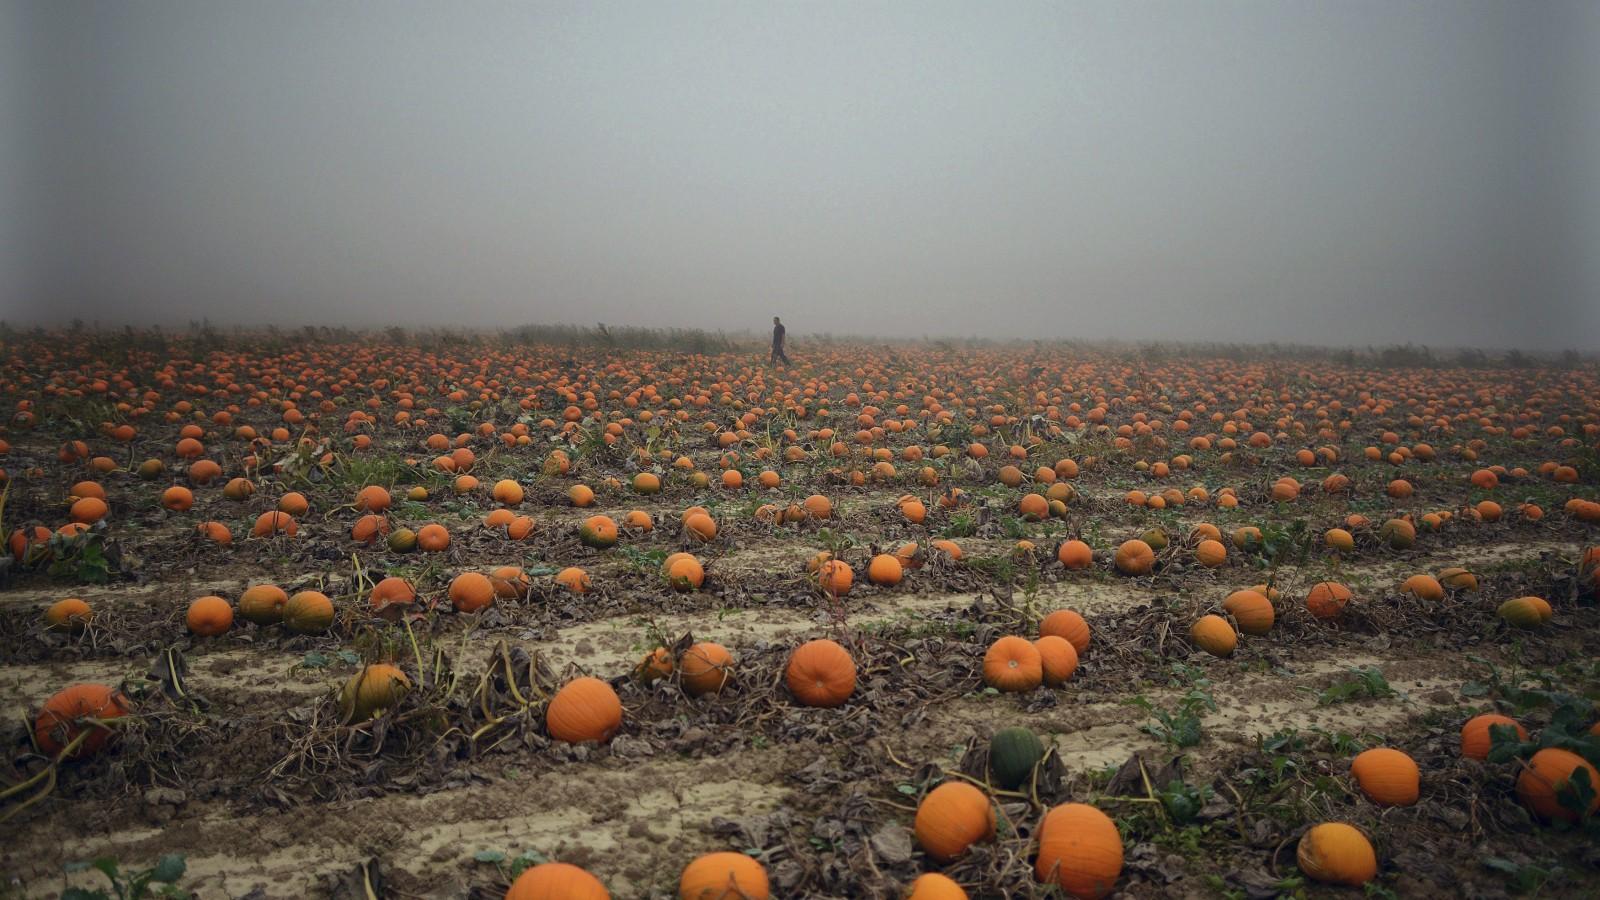 A man walks through a misty pumpkin field